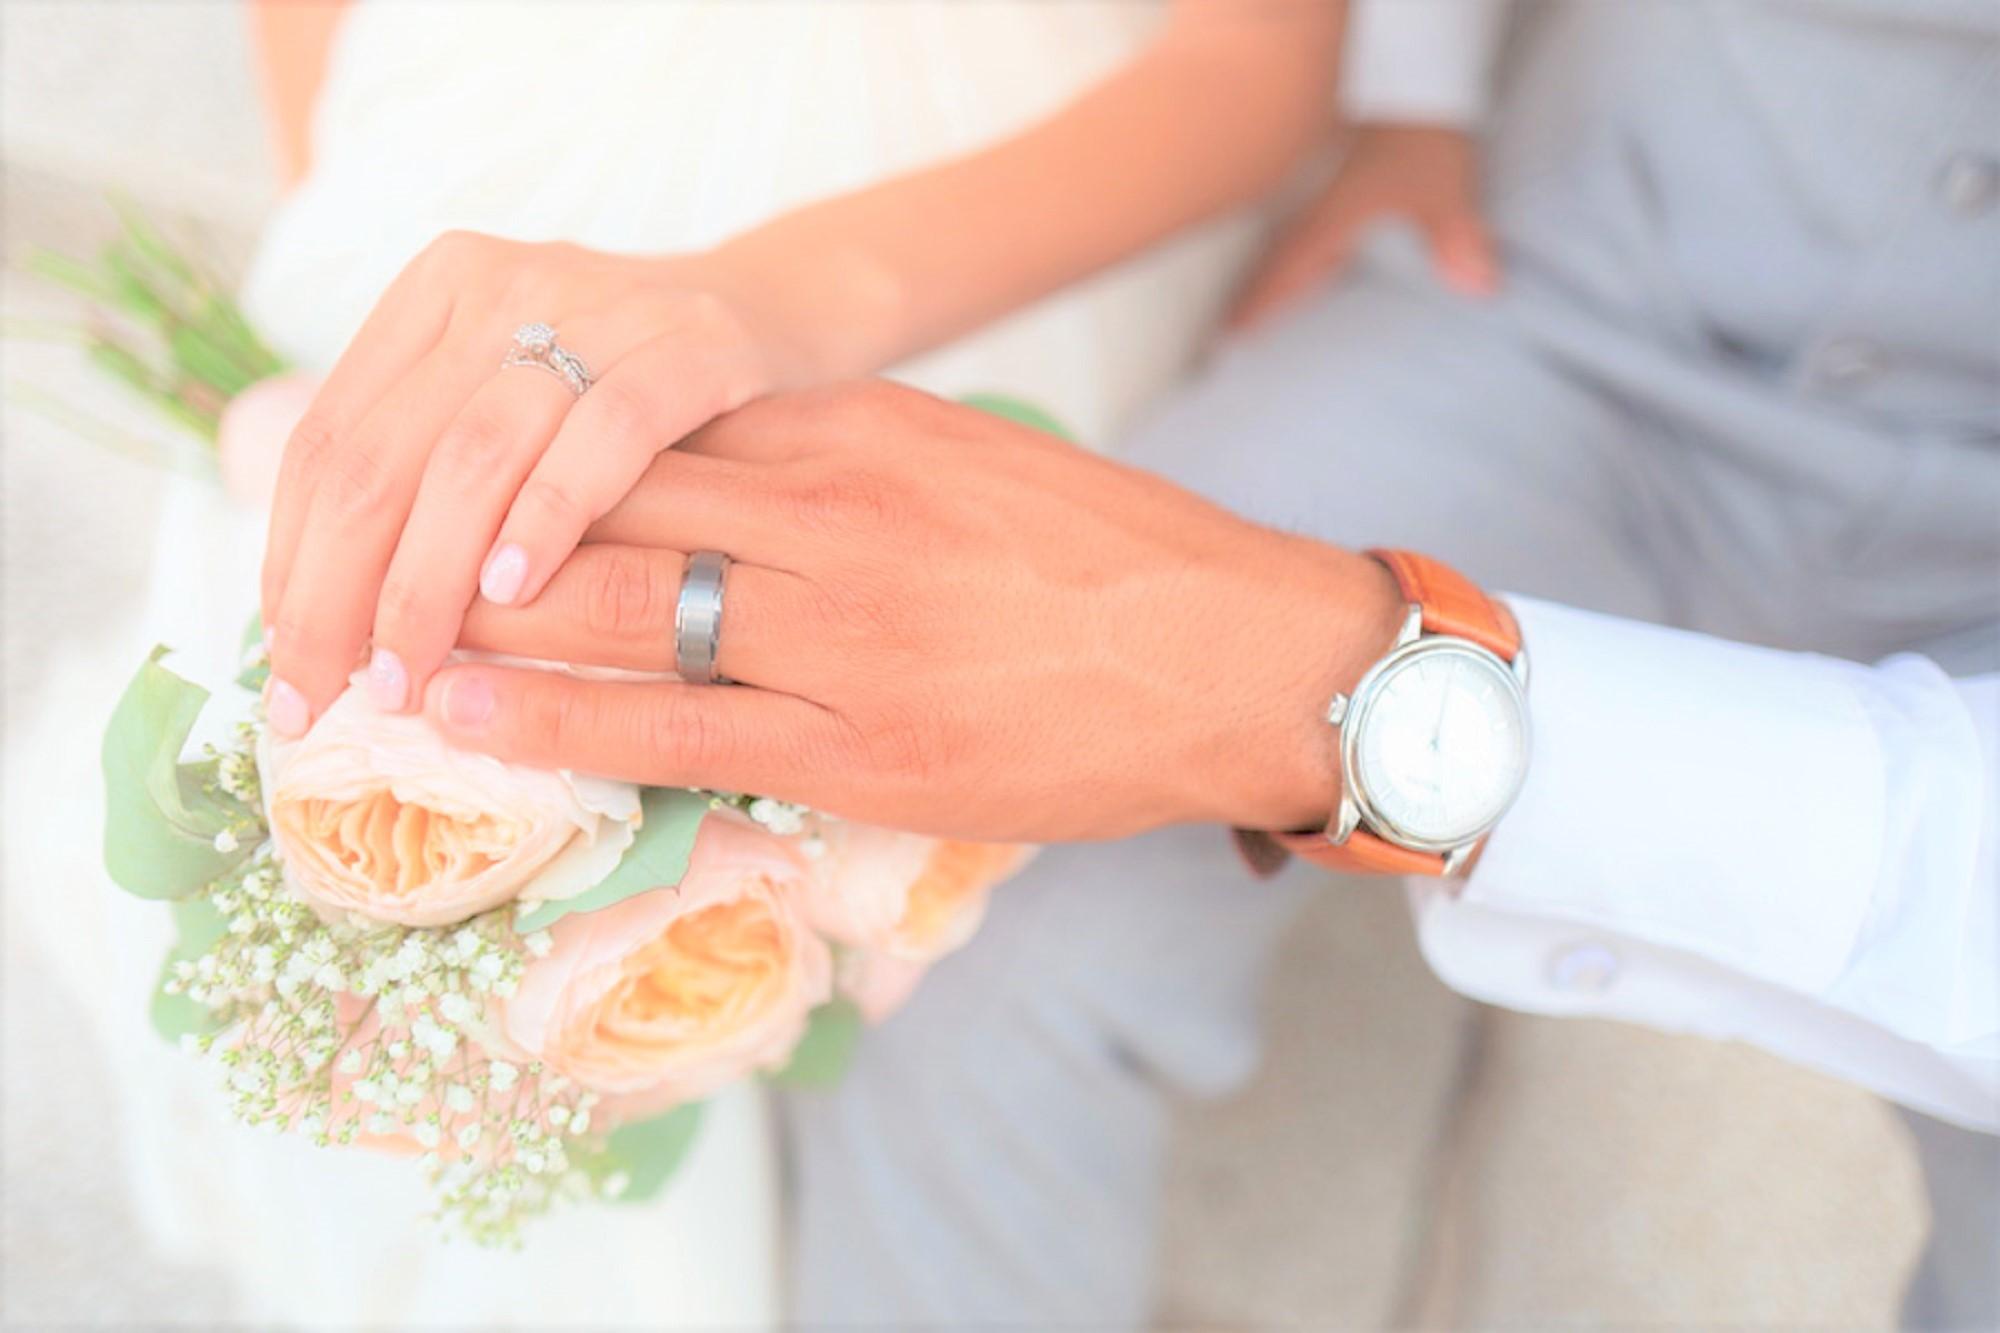 結婚指輪・婚約指輪を福岡、北九州、筑豊で探すならブライダルリングドット福岡 by コクラヤ